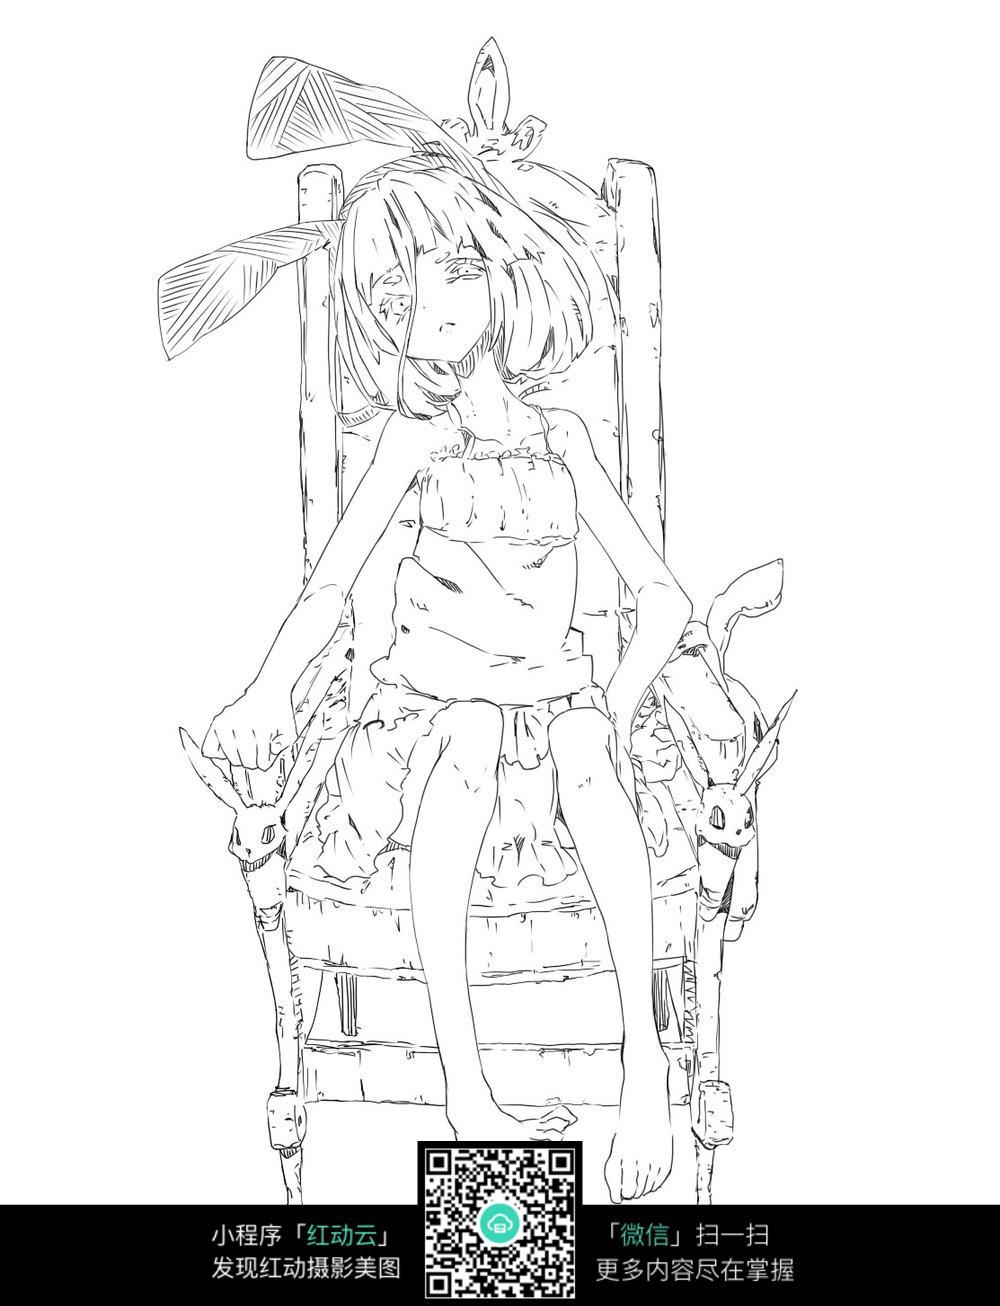 免费素材 图片素材 漫画插画 人物卡通 光脚坐在椅子上伤心的女孩